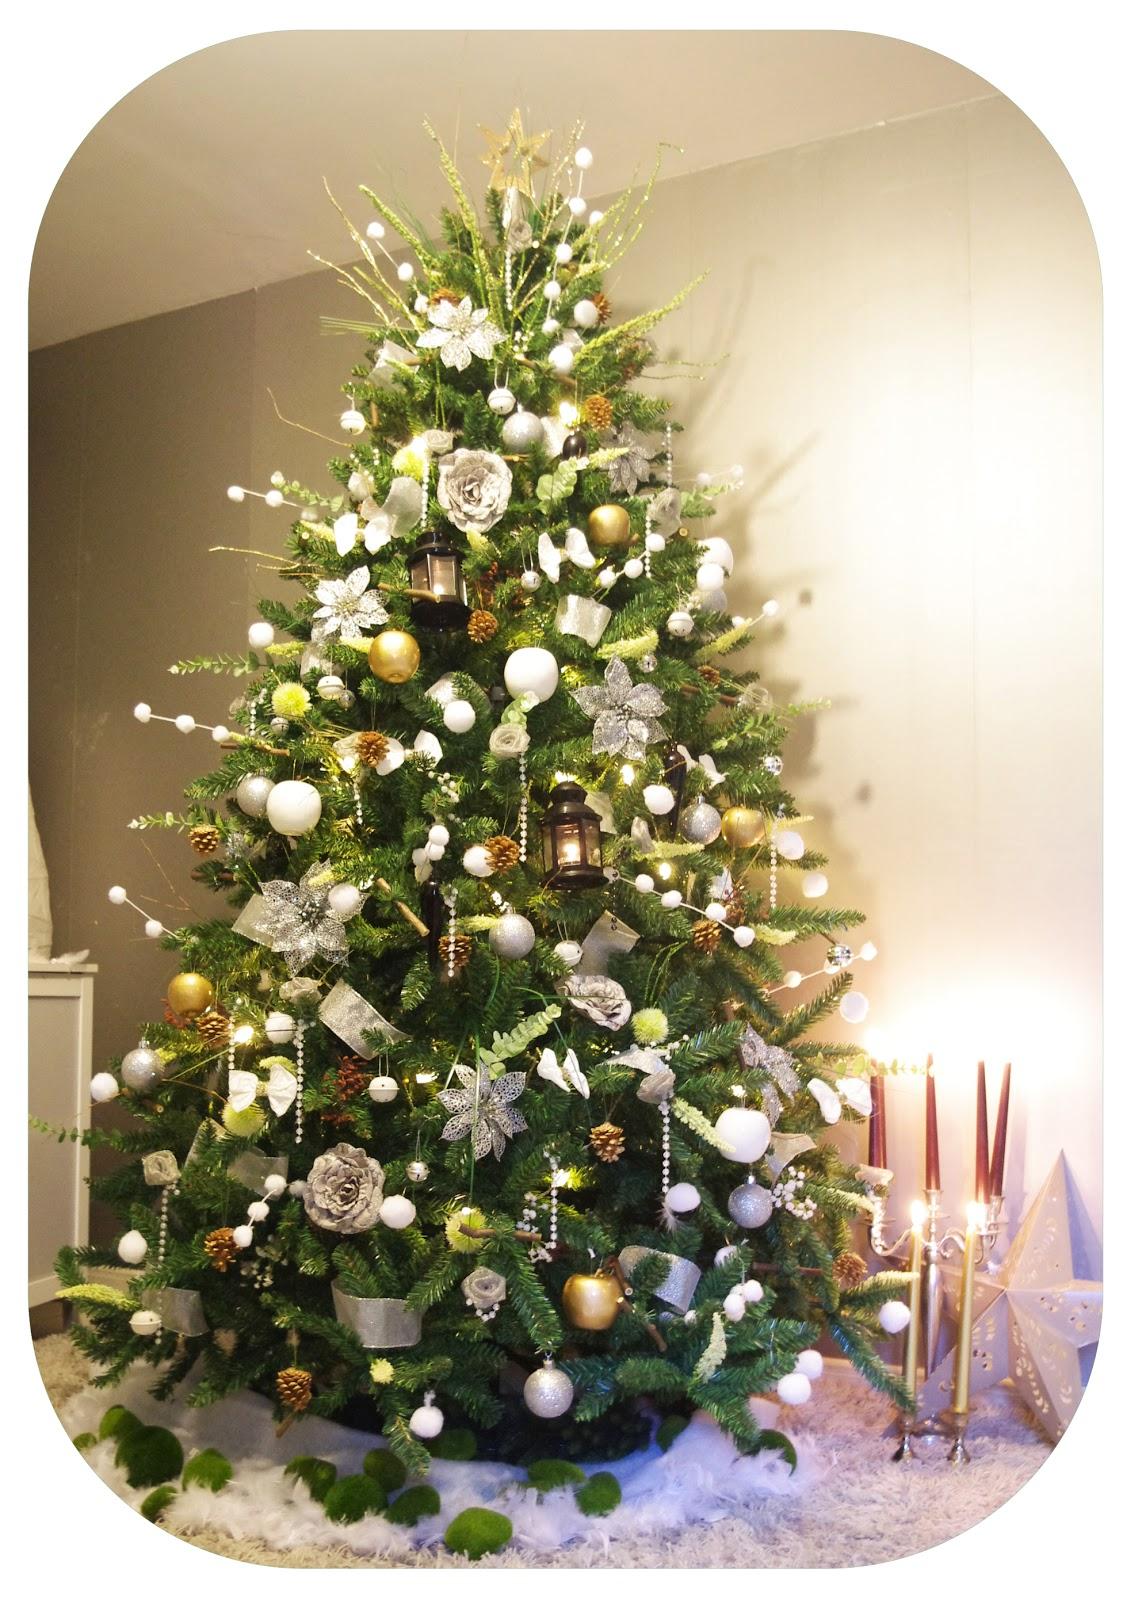 #8F753C Une Déco Végétale Pour Un Sapin De Noël Super Original  6371 decoration noel exterieur avec branche sapin 1146x1600 px @ aertt.com